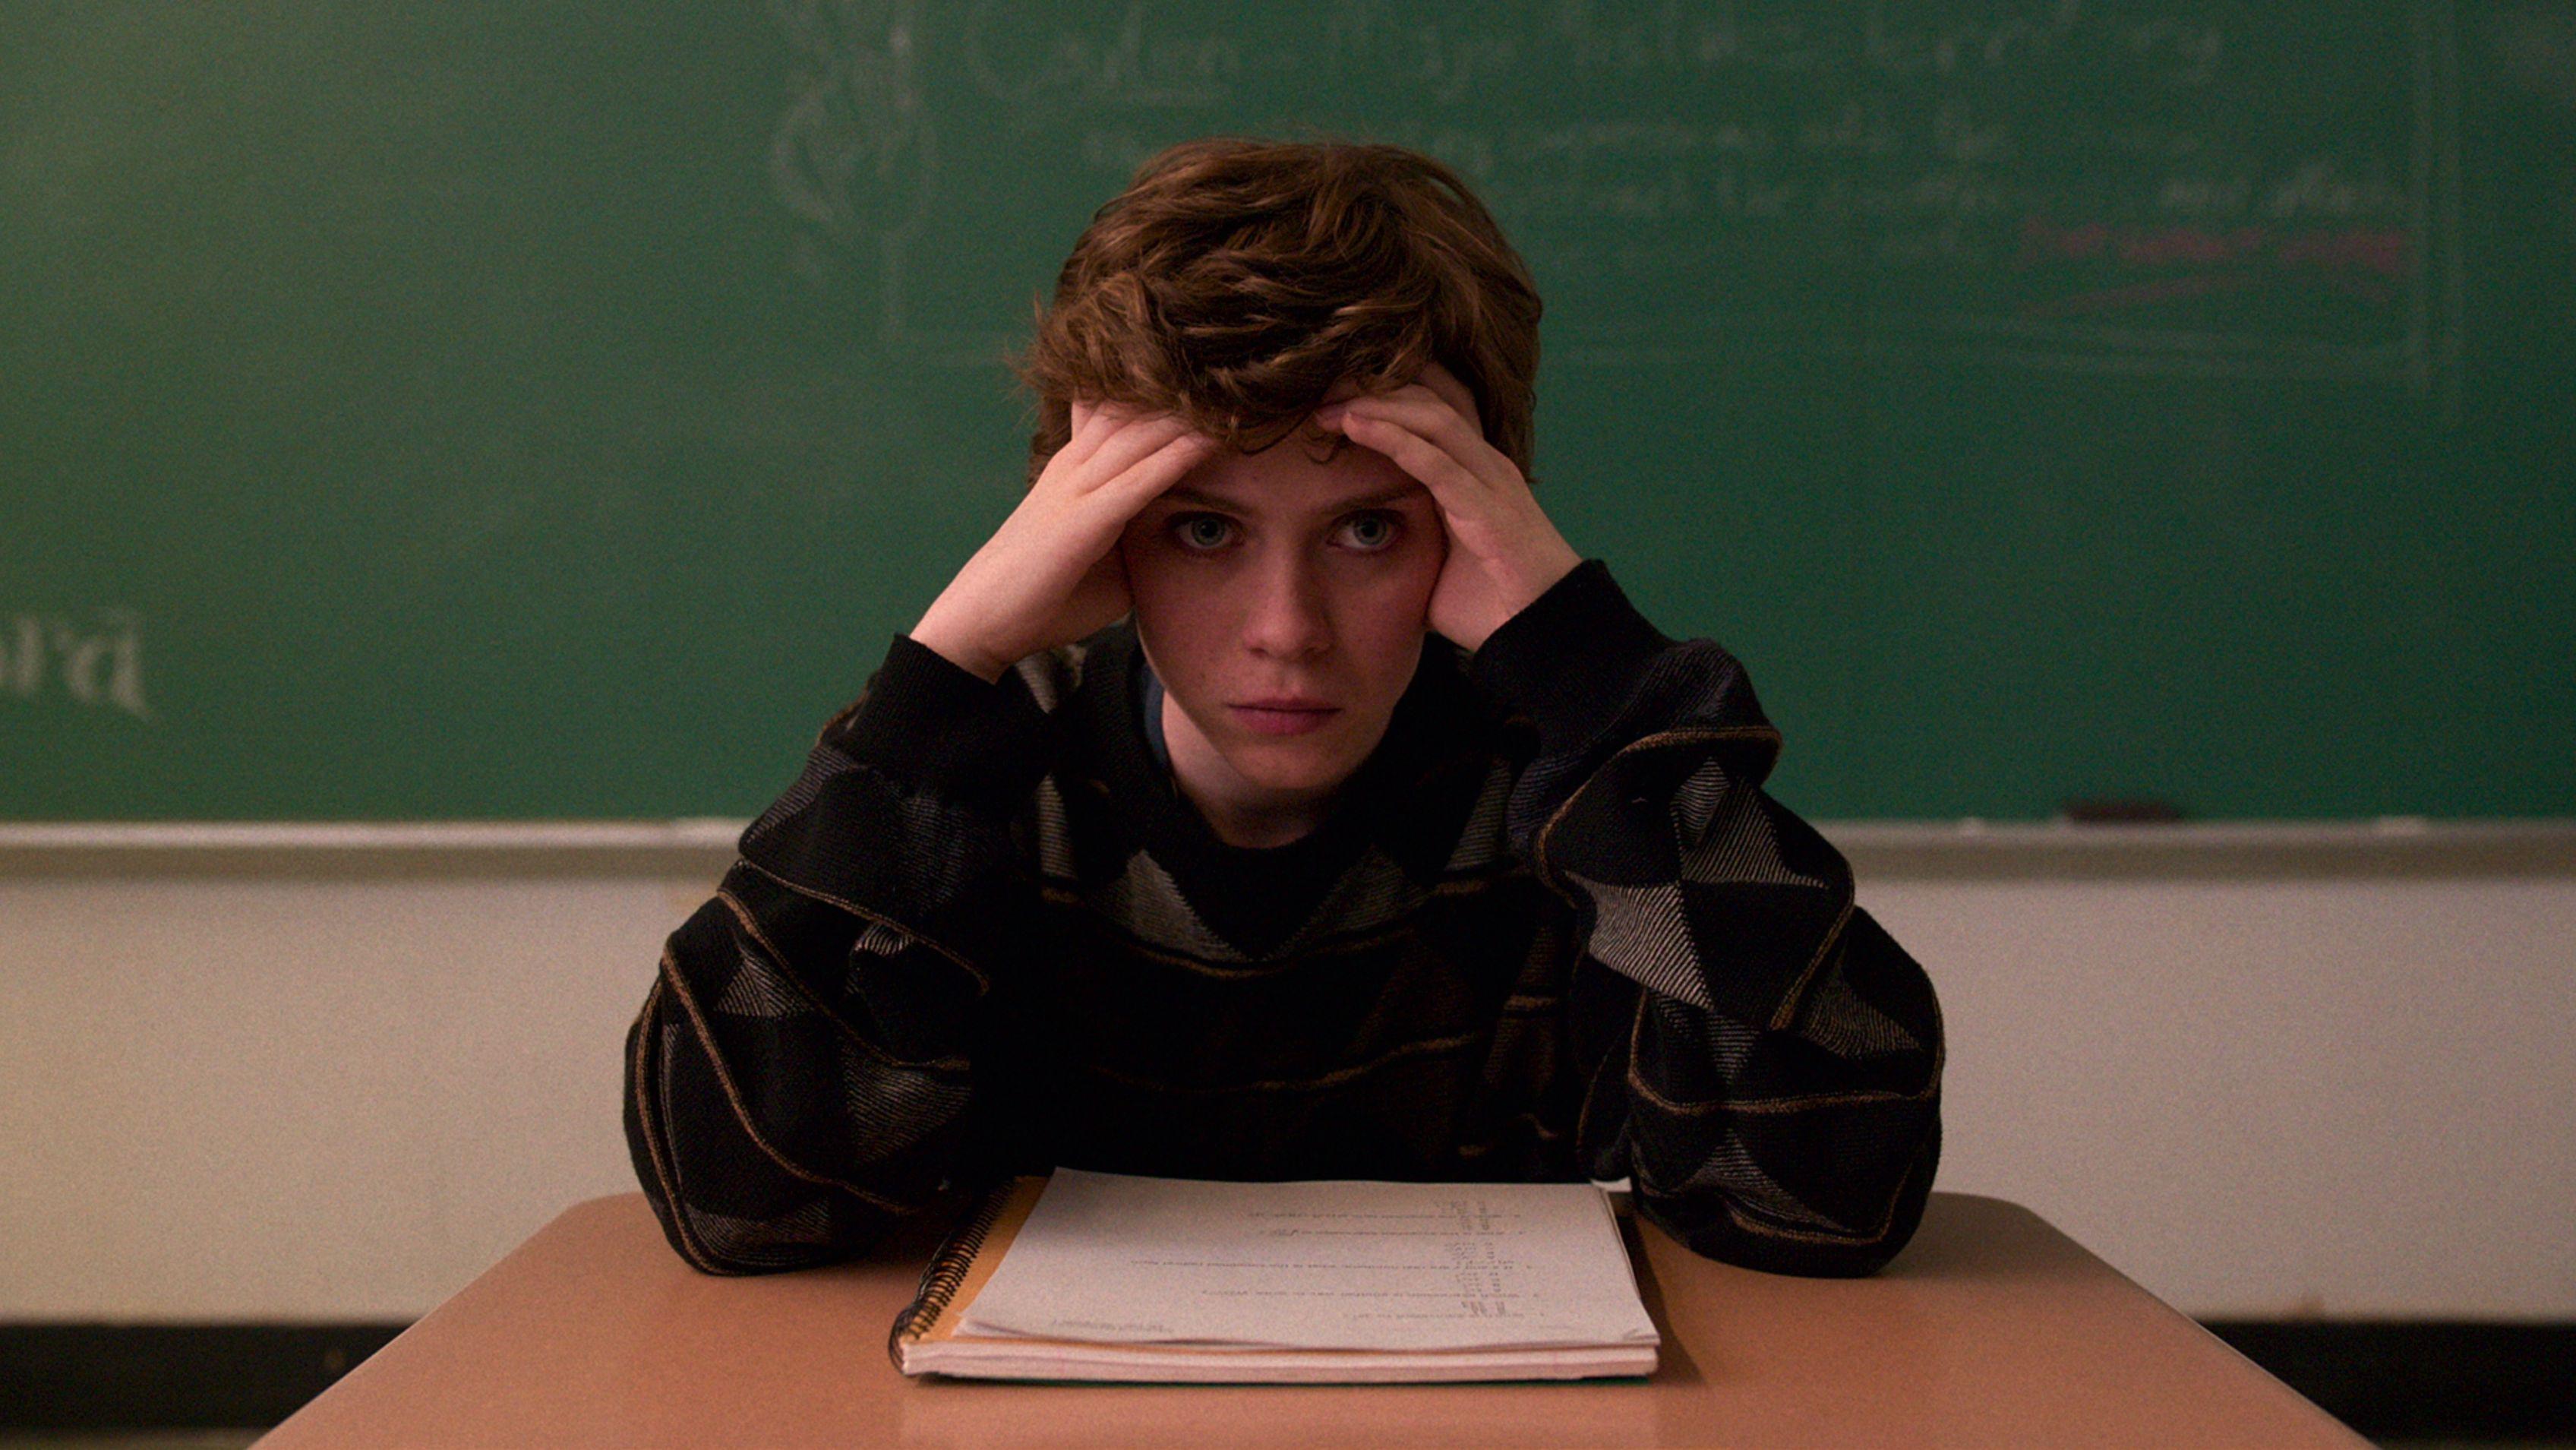 Schauspielerin  Sophia Lillis sitzt in der Schule vor einer Tafel und stützt den Kopf in die Hände